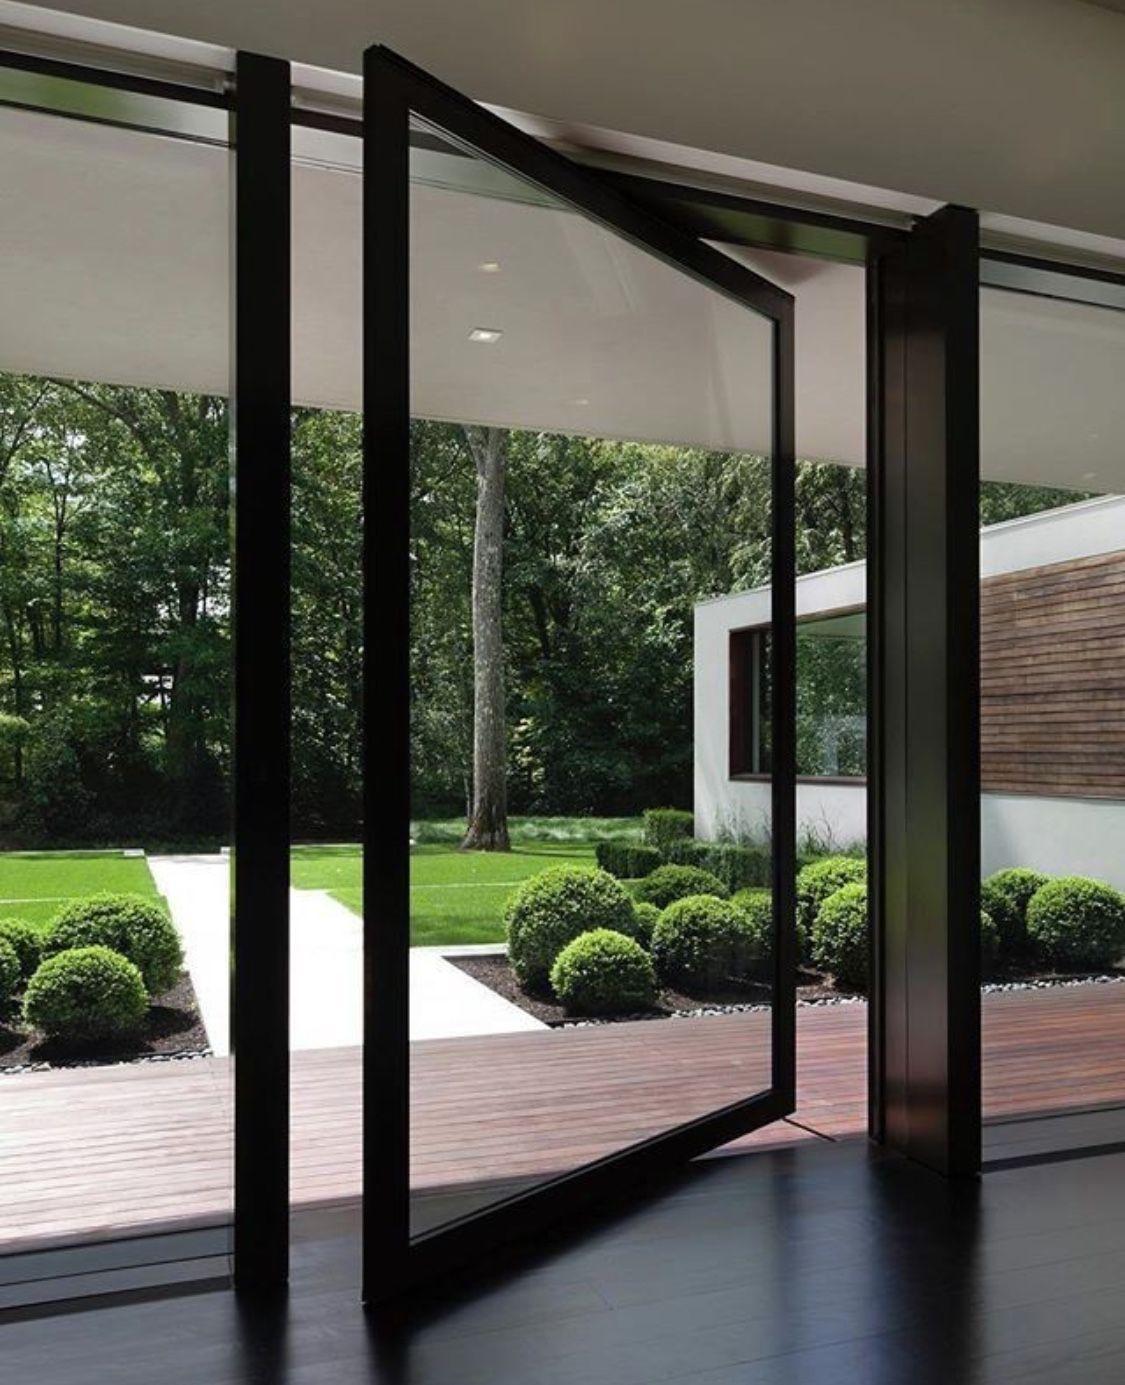 Best Front Door S De Babi Balassa S Stylefactory Projeto Arquitetonico Design De Casa Moderno 400 x 300